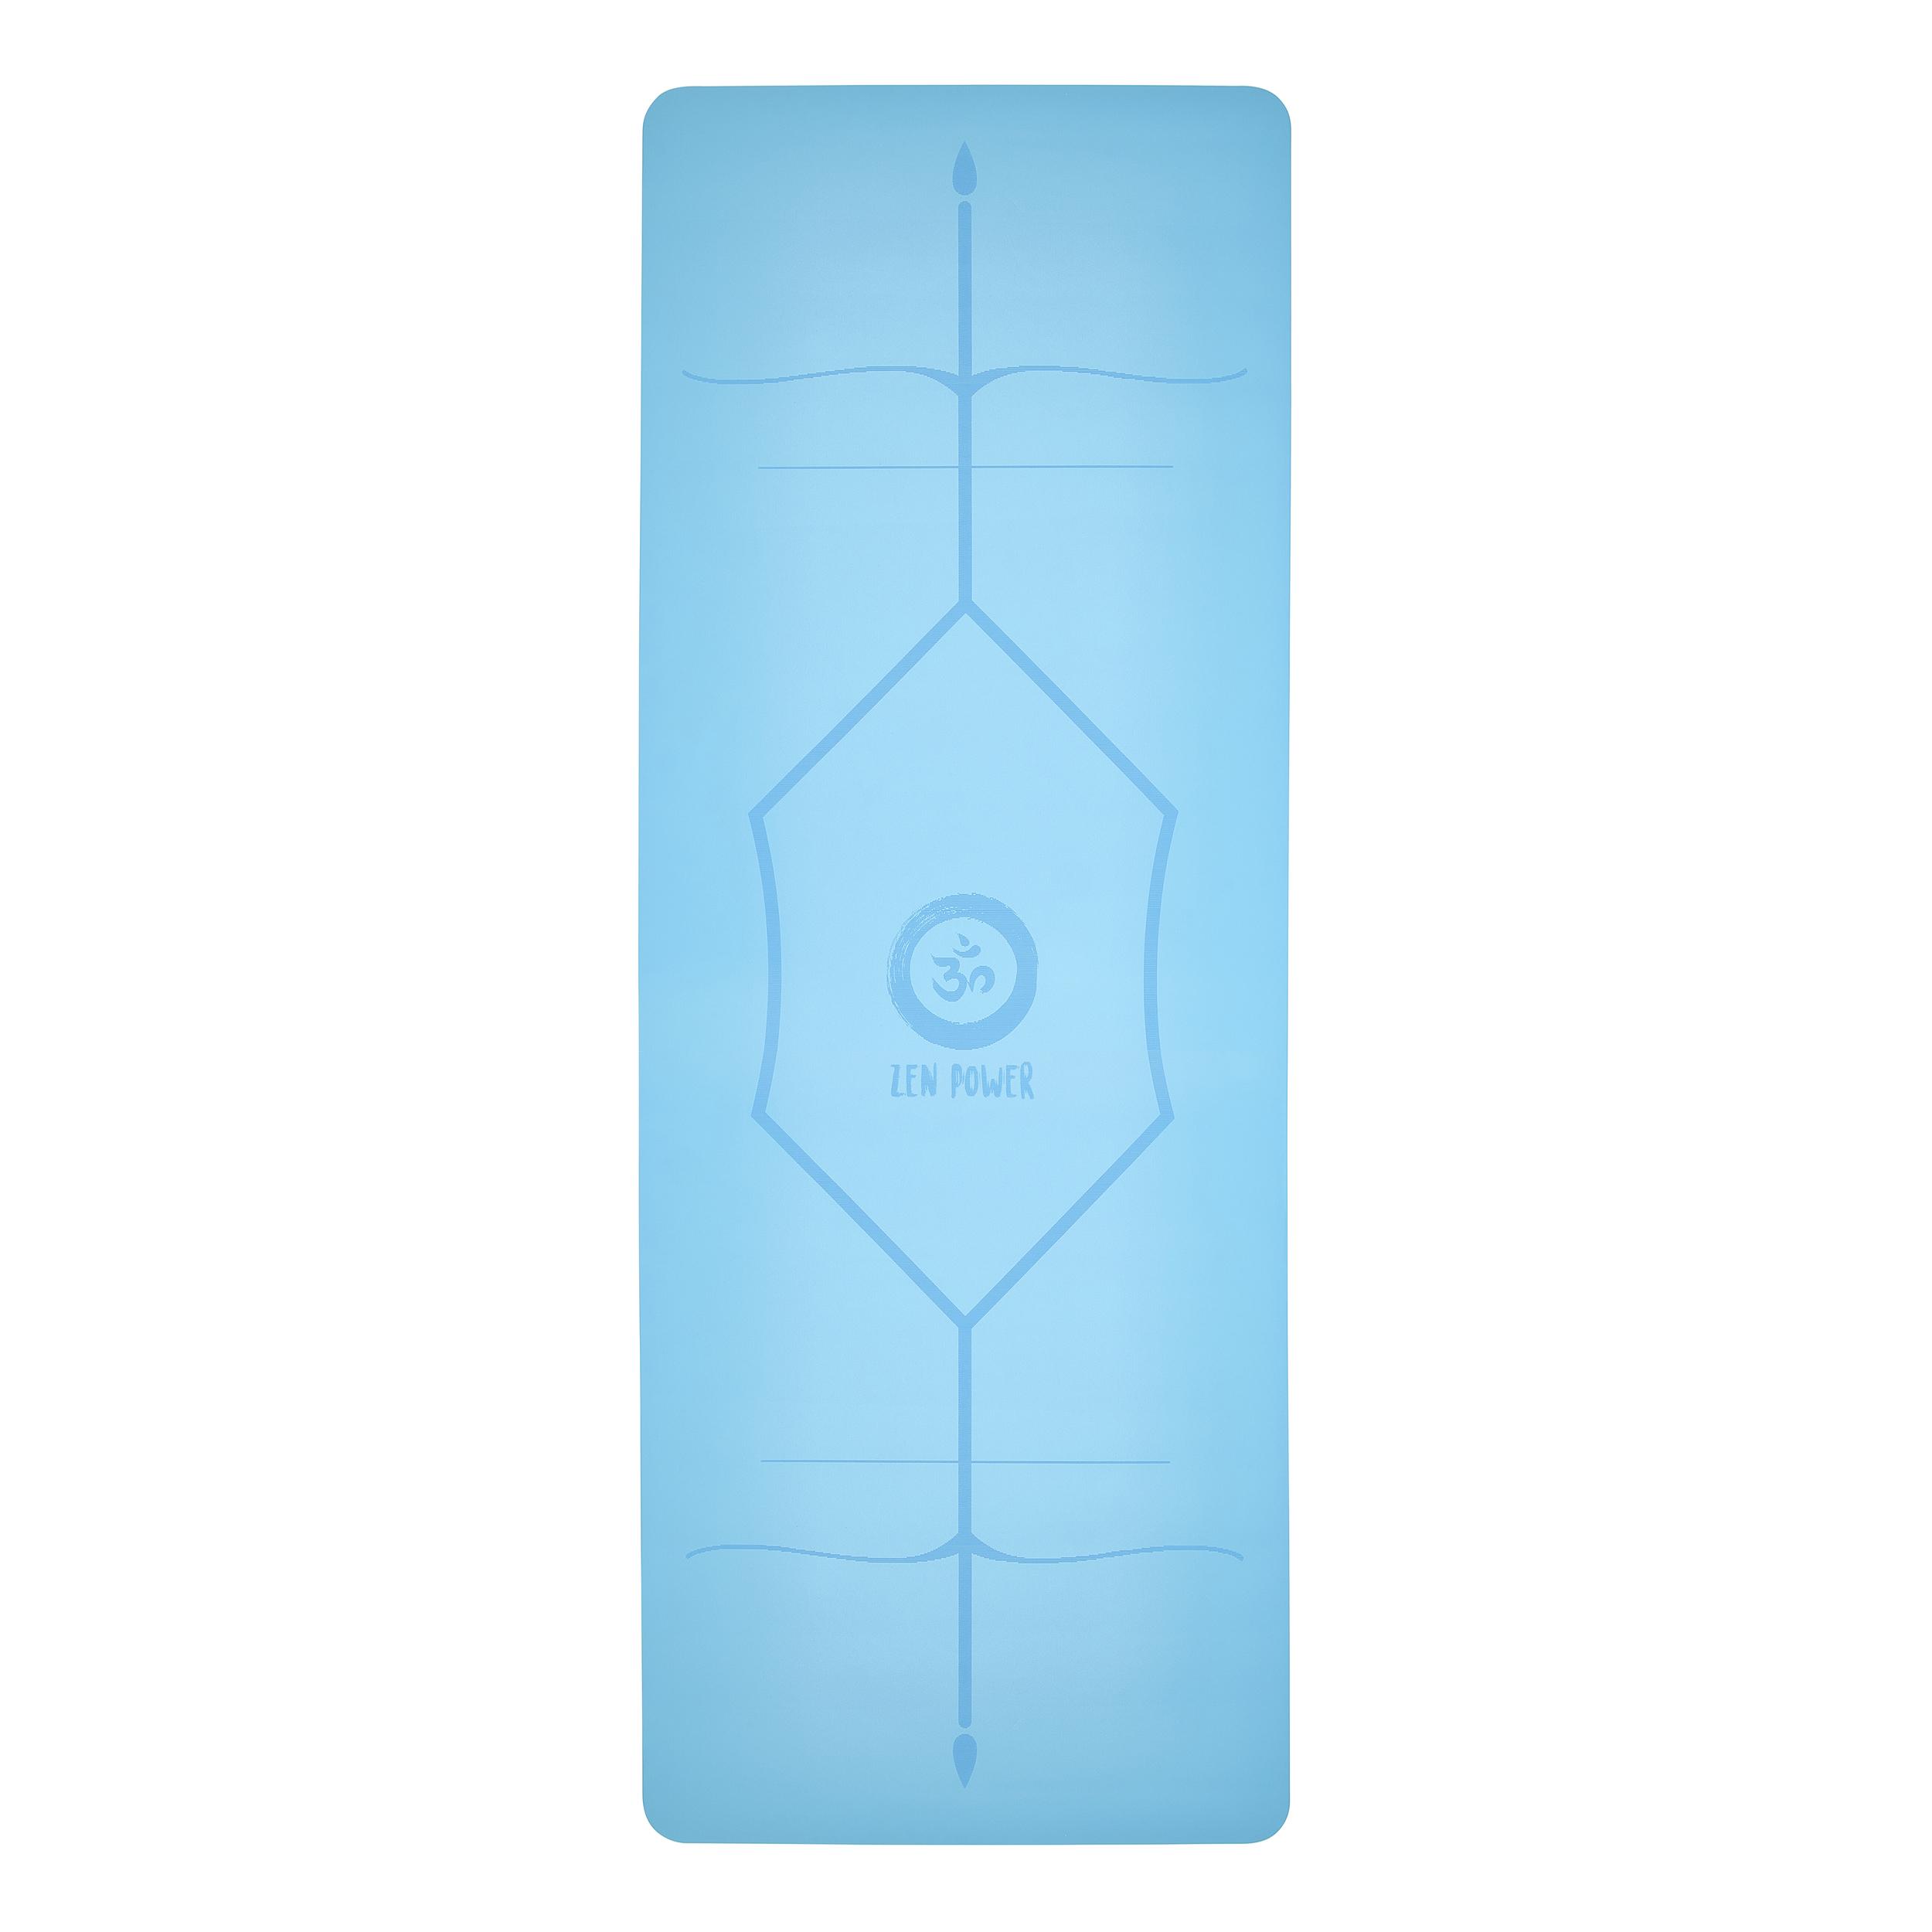 ZenPower Yogamatte Mandala - Light Blue